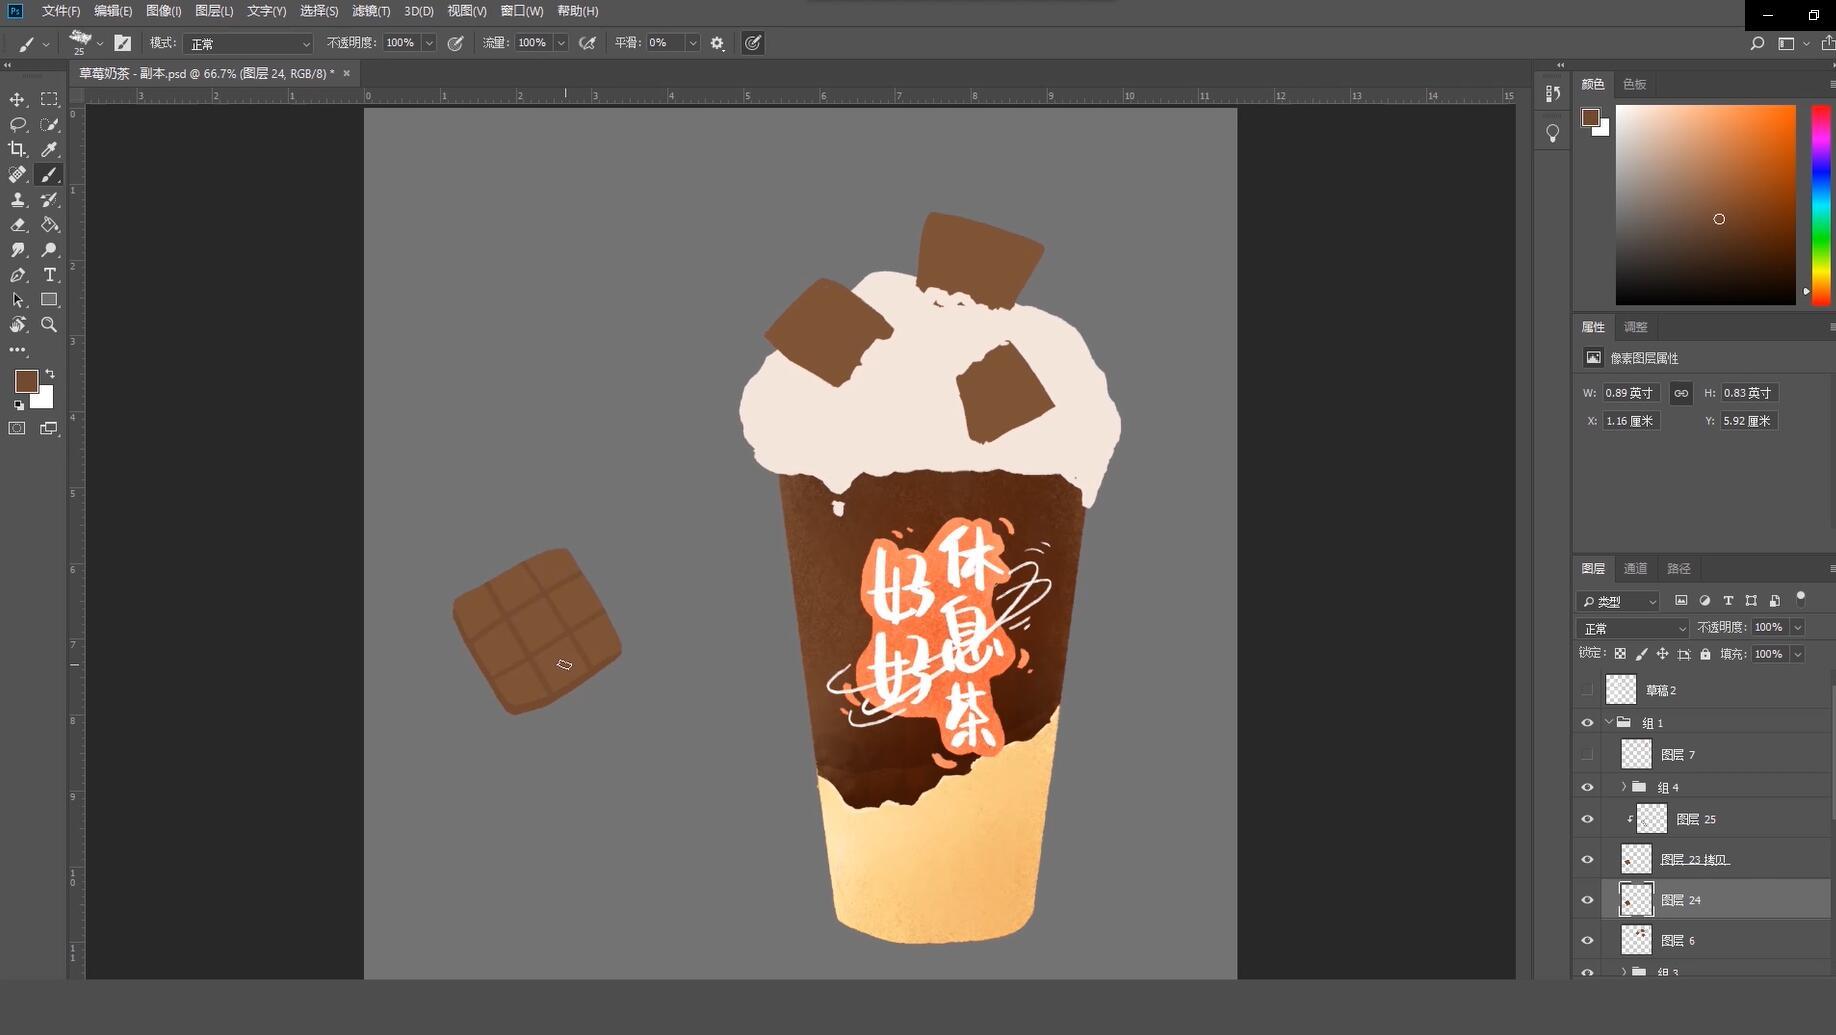 手绘教程!2分钟搞定巧克力奶茶插画!